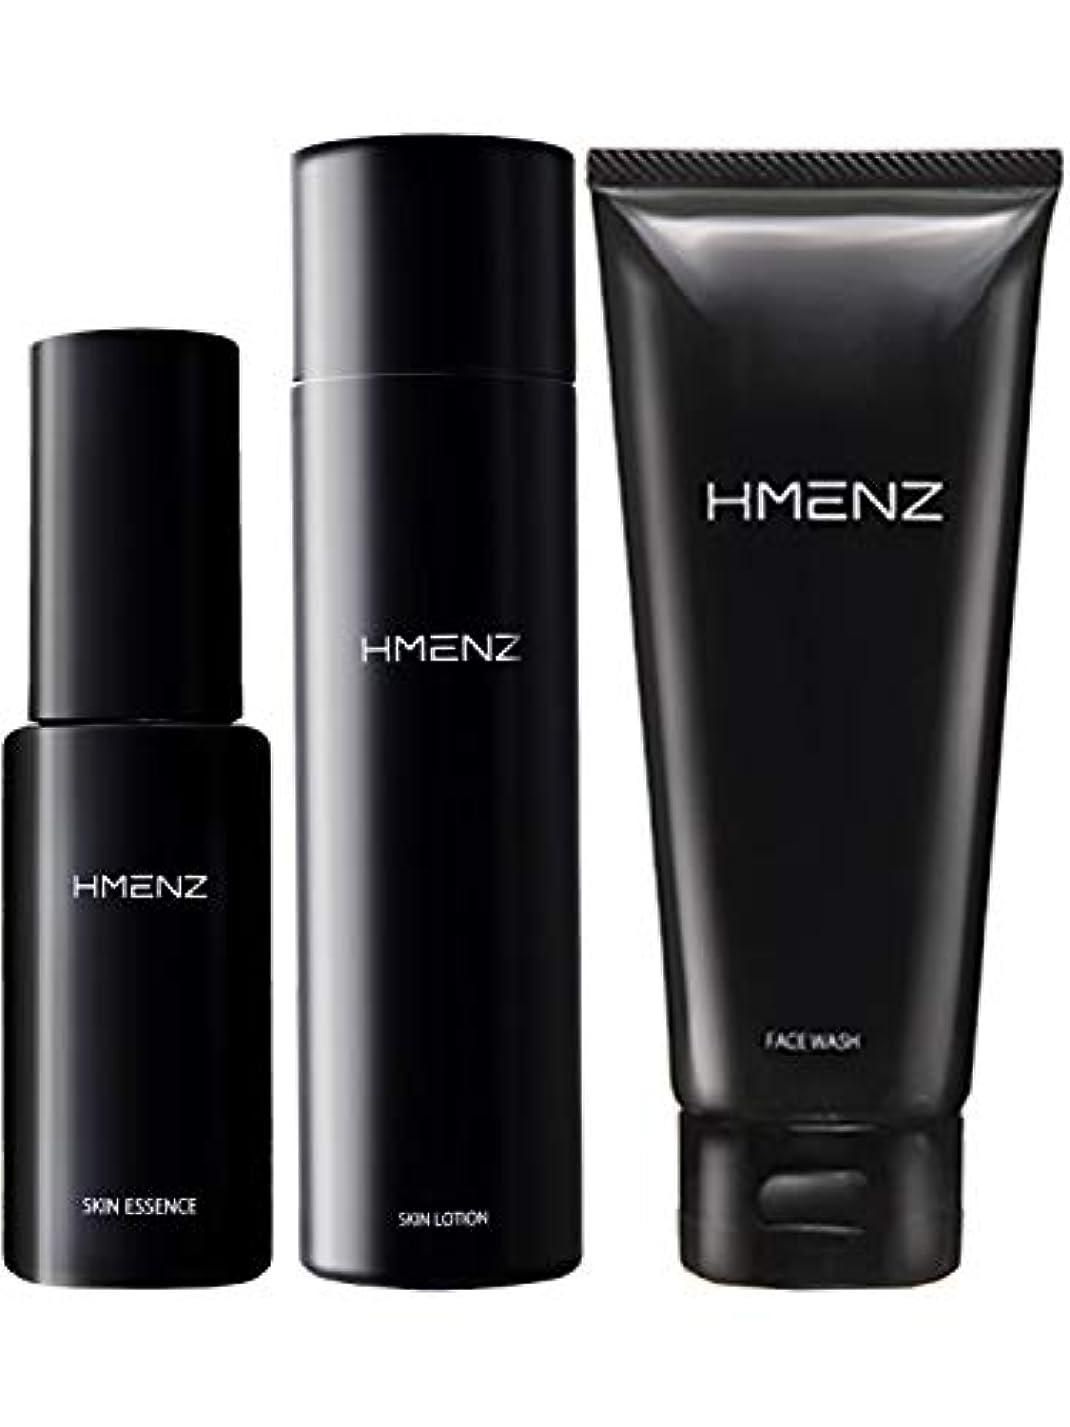 尊敬する忠実な食べる医薬部外品 HMENZ 【 メンズ 洗顔 化粧水 美容液 セット 】「 保湿 シミ対策 男性用 エイジングケア 」「 無添加 洗顔料 アフターシェーブローション オールインワン 」 100g + 150ml + 50ml